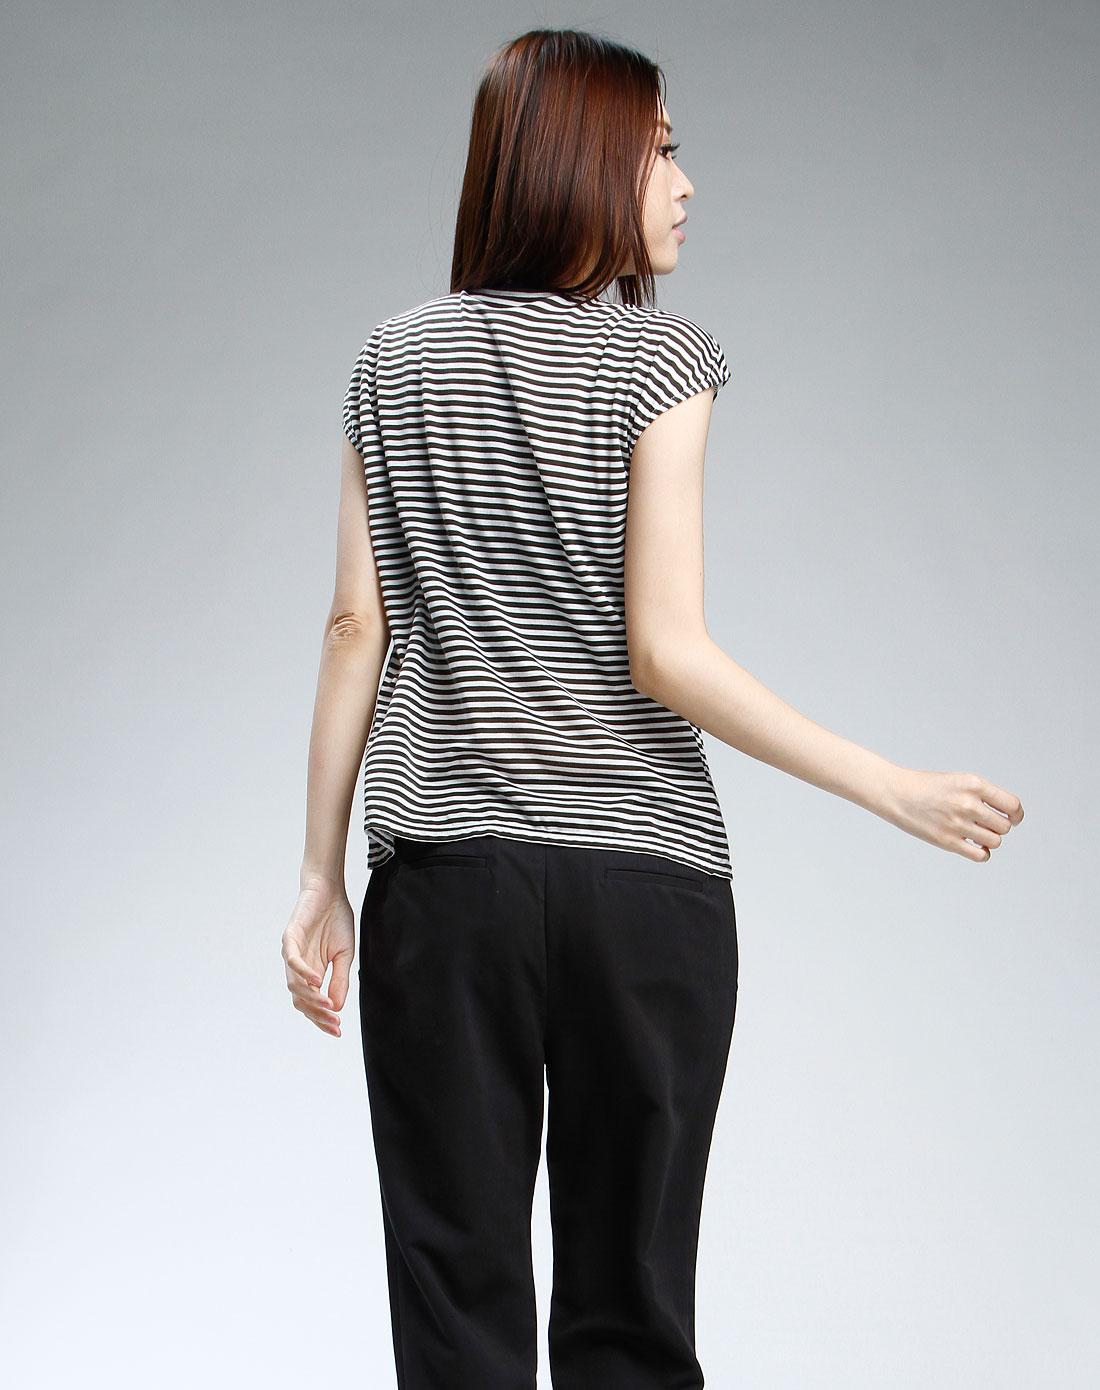 咖啡色条纹休闲短袖上衣